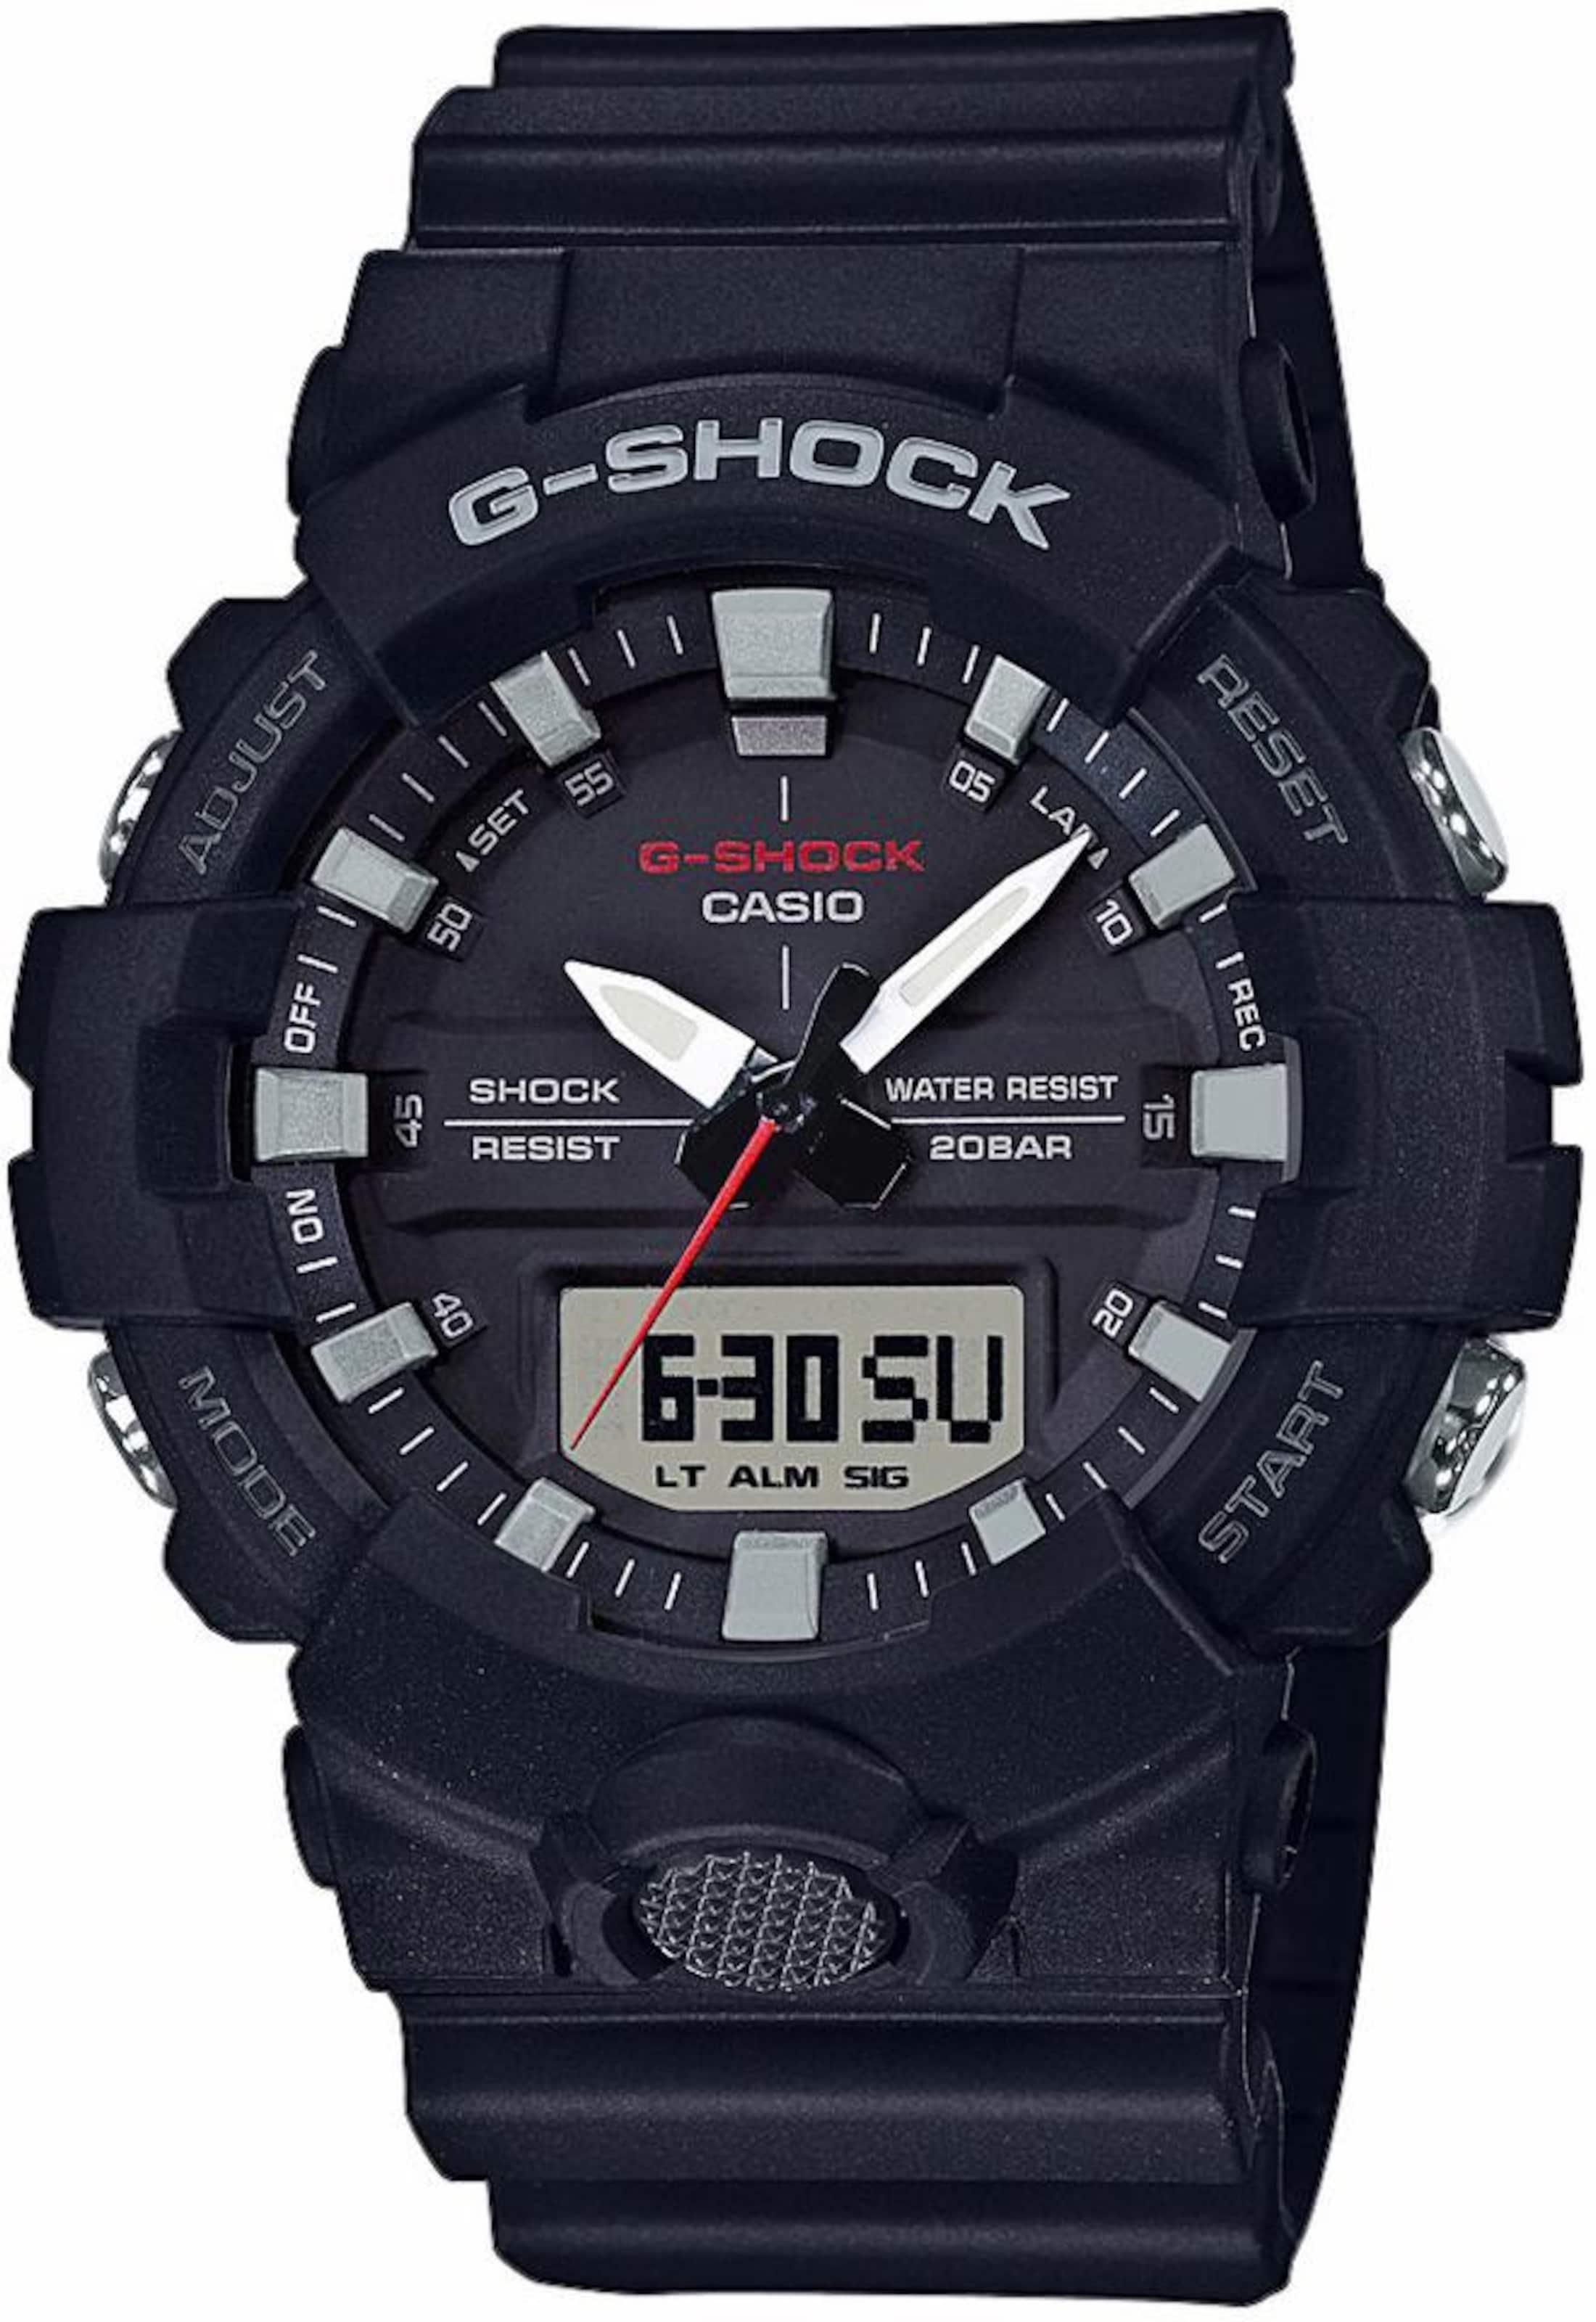 Billig Verkauf Für Billig Auslass 2018 Neu CASIO G-Shock Chronograph 'GA-800-1AER' Kosten CwHnAzT9Z0